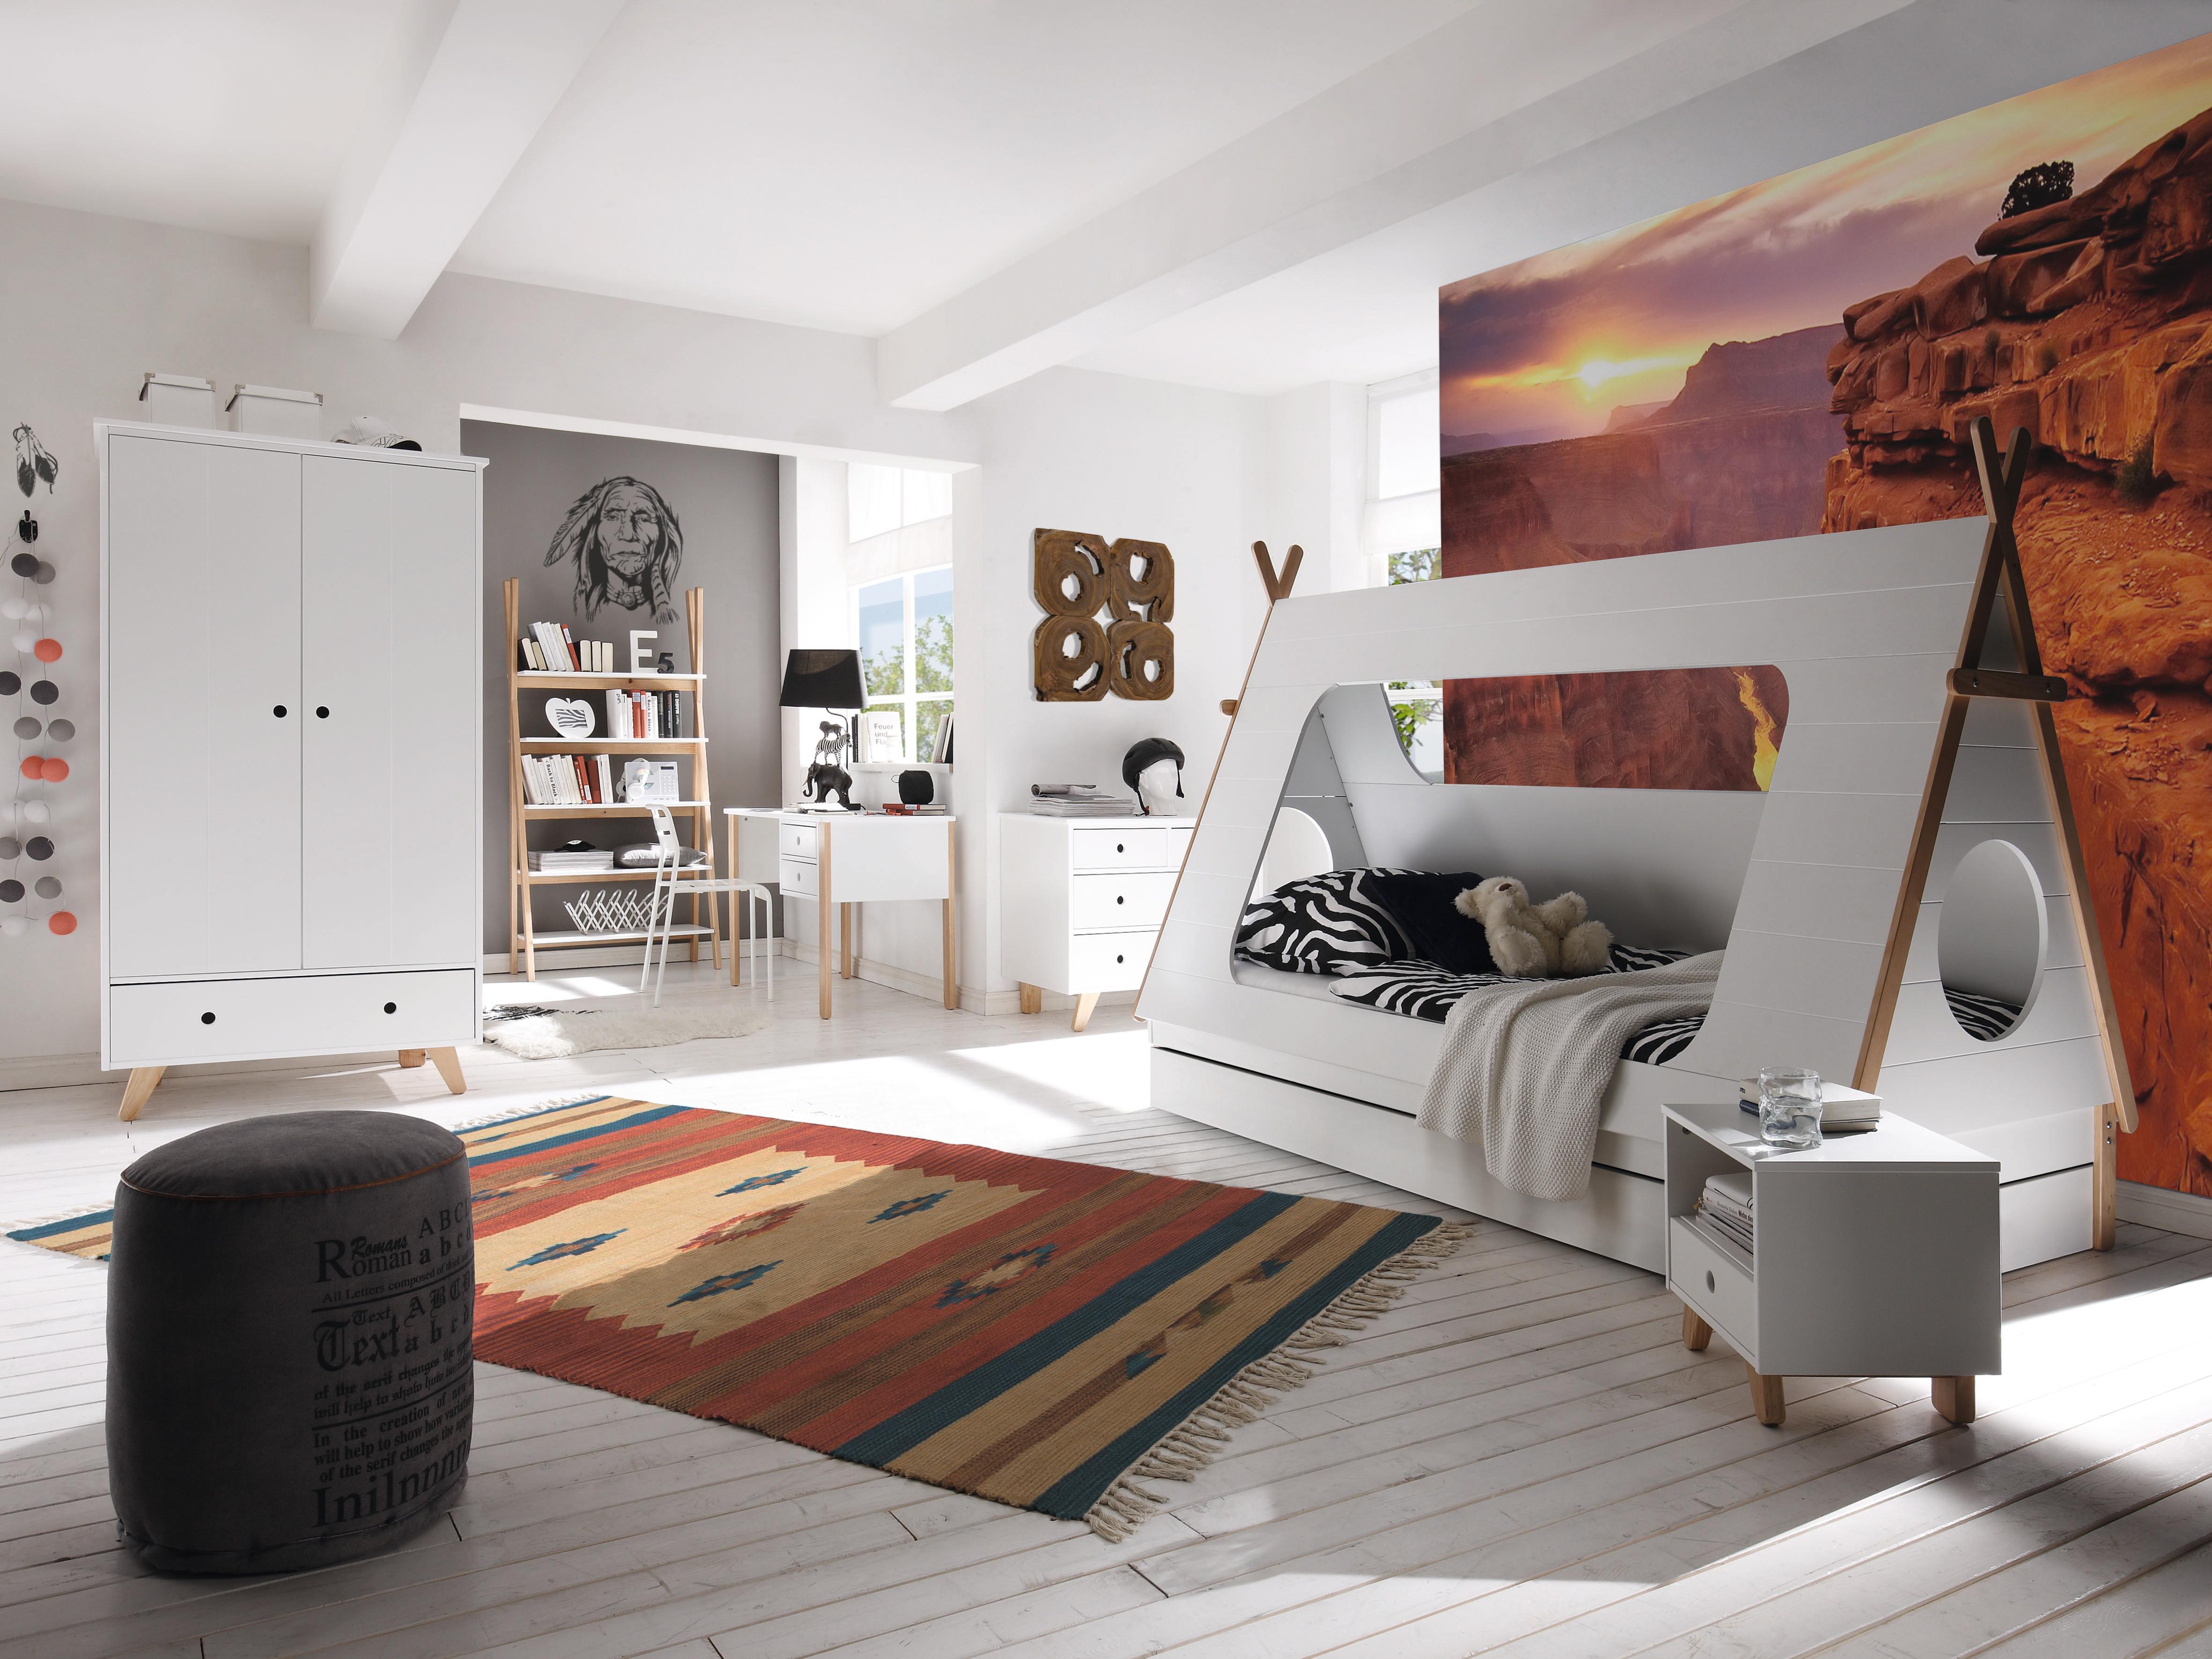 Kinderbett bilder ideen couchstyle for Einrichtungstipps kinderzimmer